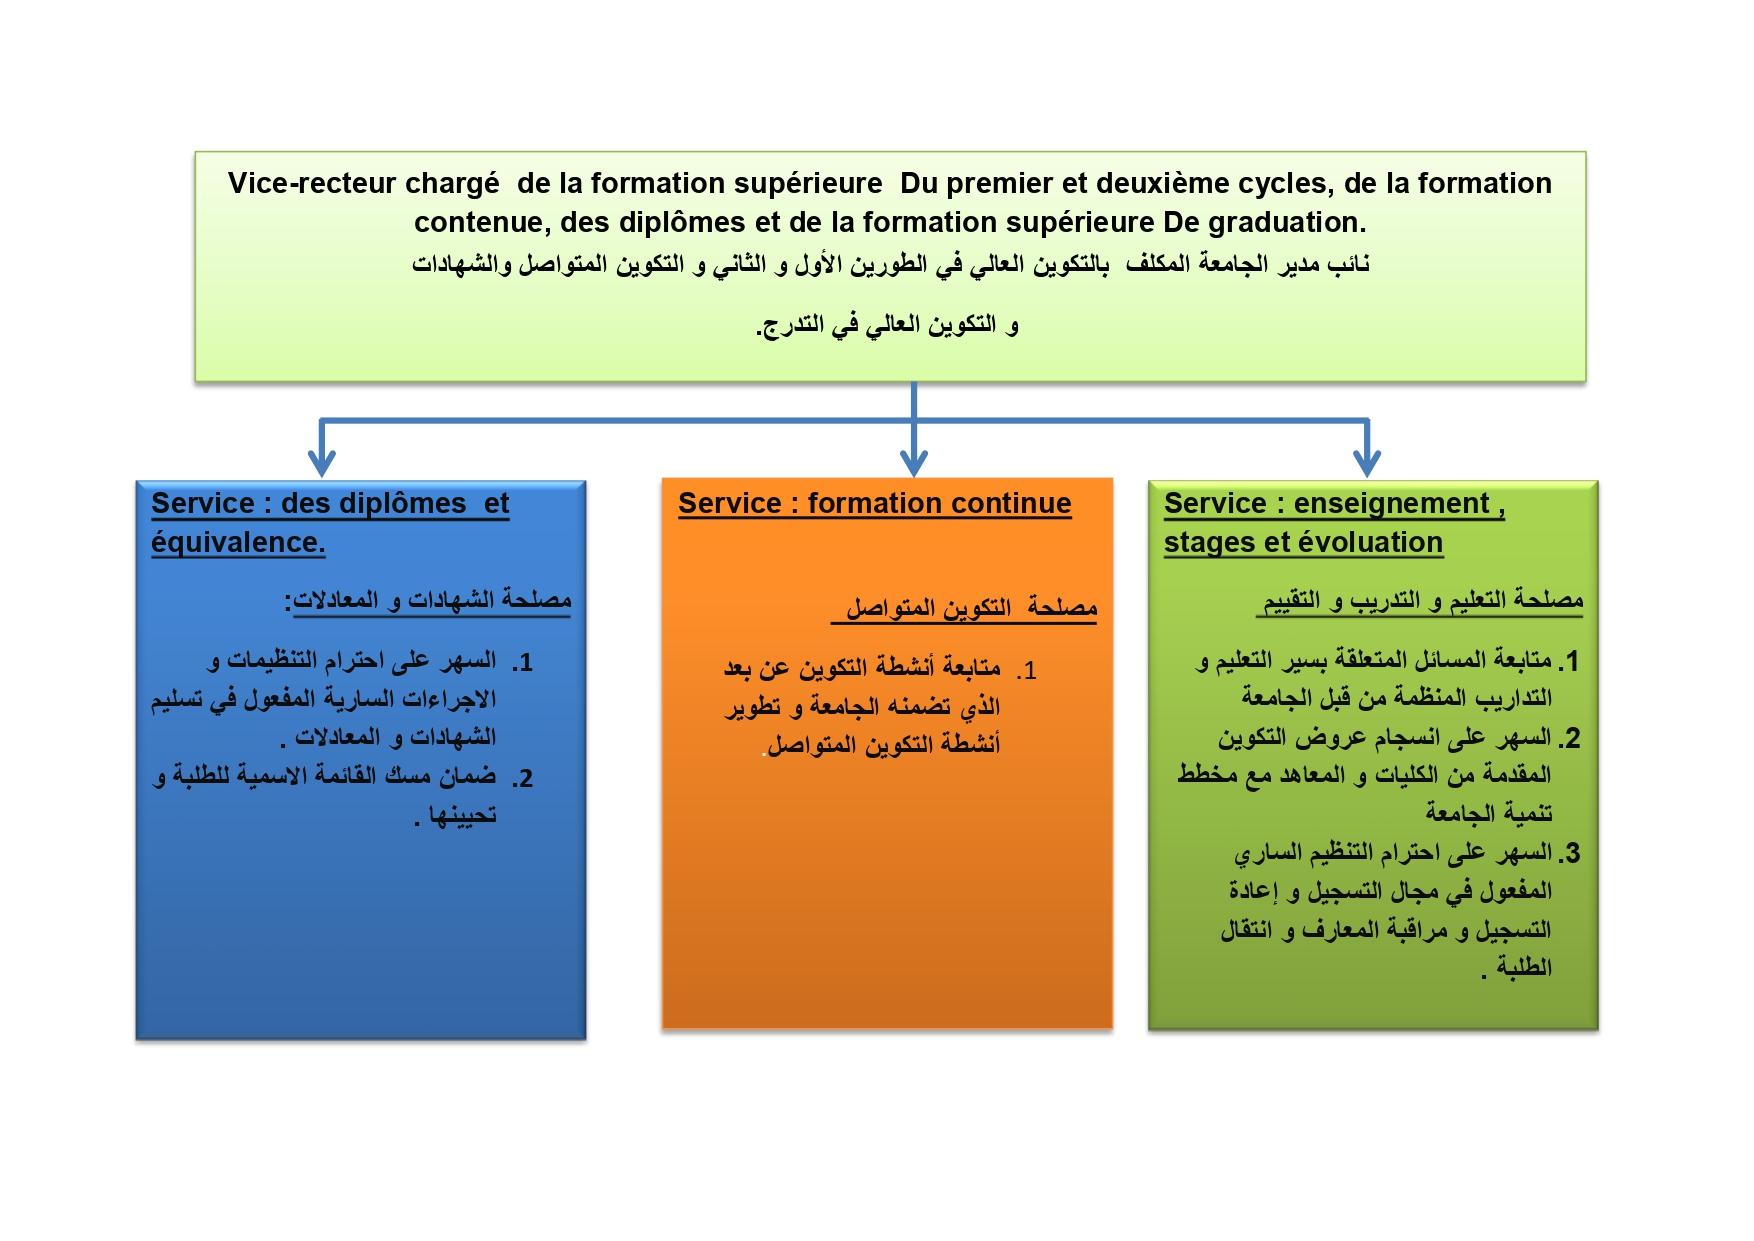 تخطيط نيابة الجامعة للبيداغوجية_page-0001